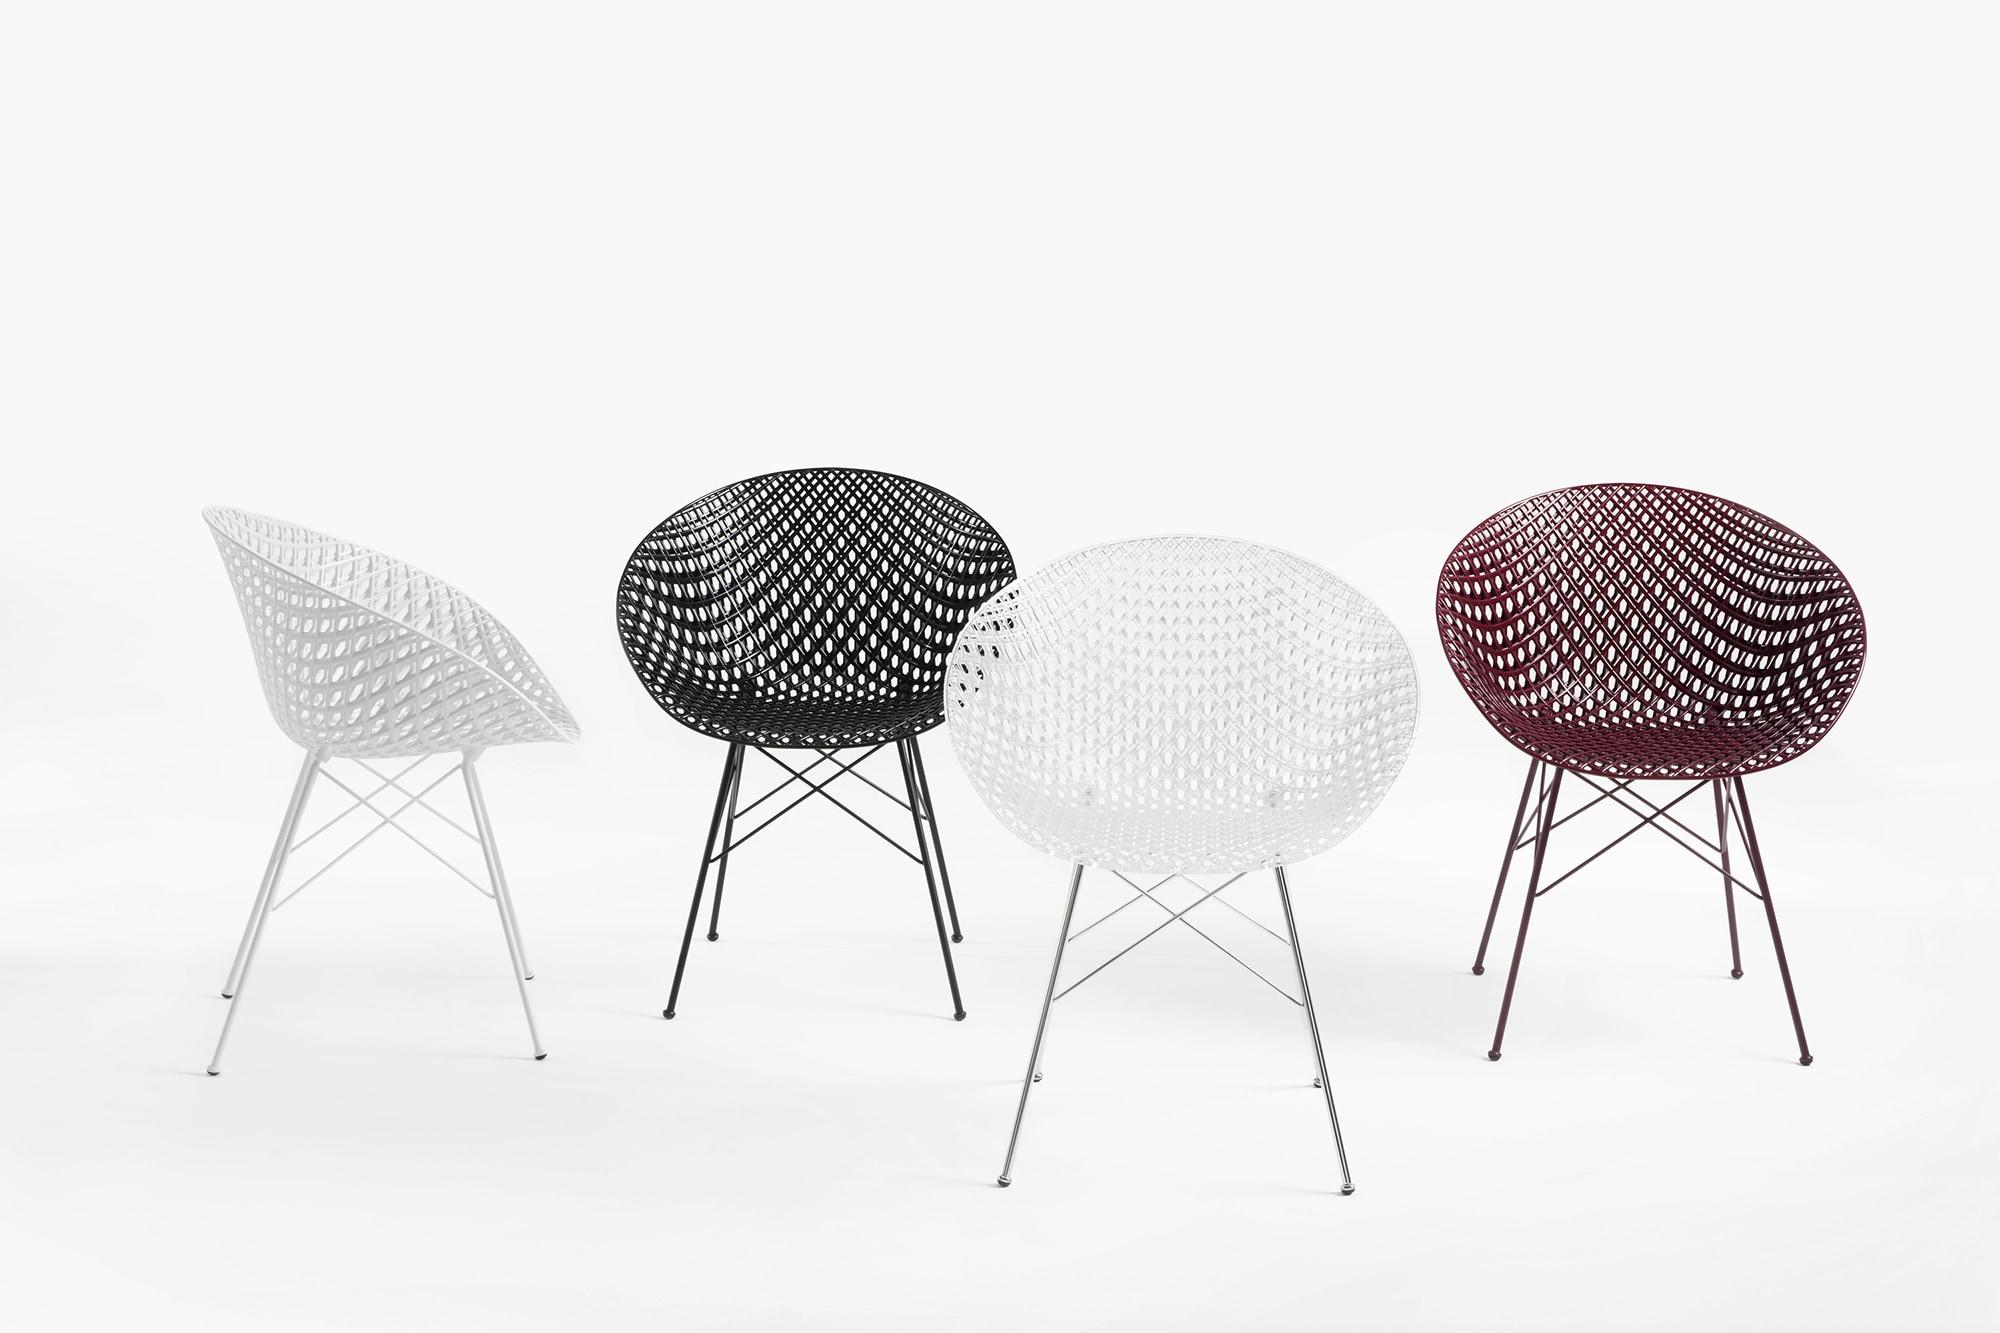 座面は透明、白、黒、プラムの4色。脚はカラー塗装とクロームメッキがある。吉岡徳仁デザインのチェア『SMATRIK』63,580円(税込)